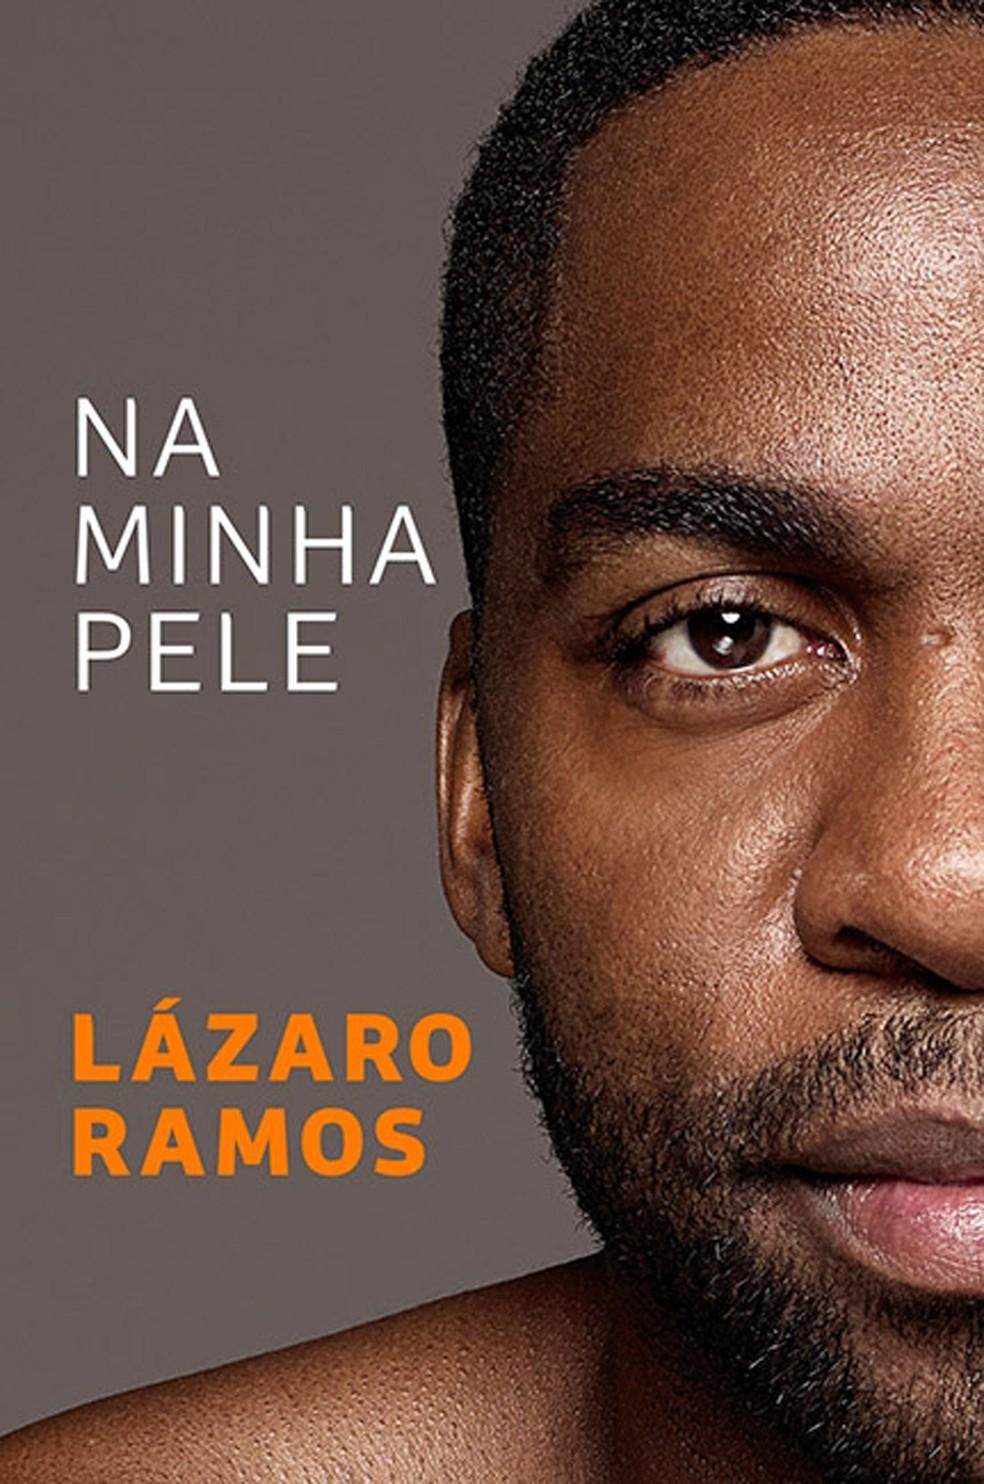 Capa do livro 'Na minha pele', de Lázaro Ramos (Foto: Divulgação/Objetiva)